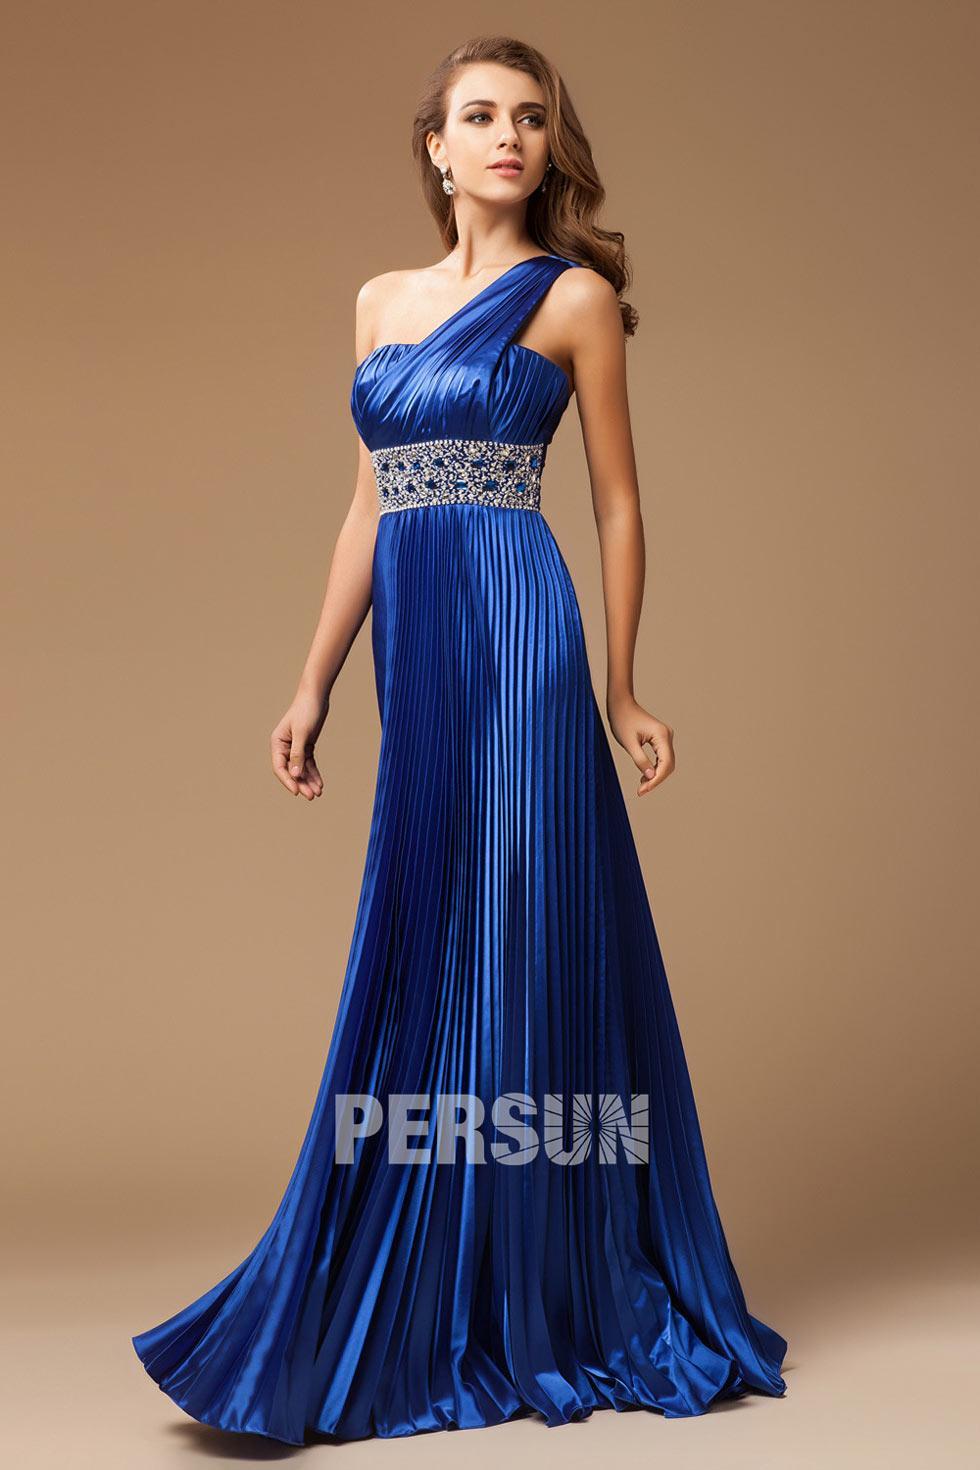 Bleu royal robe